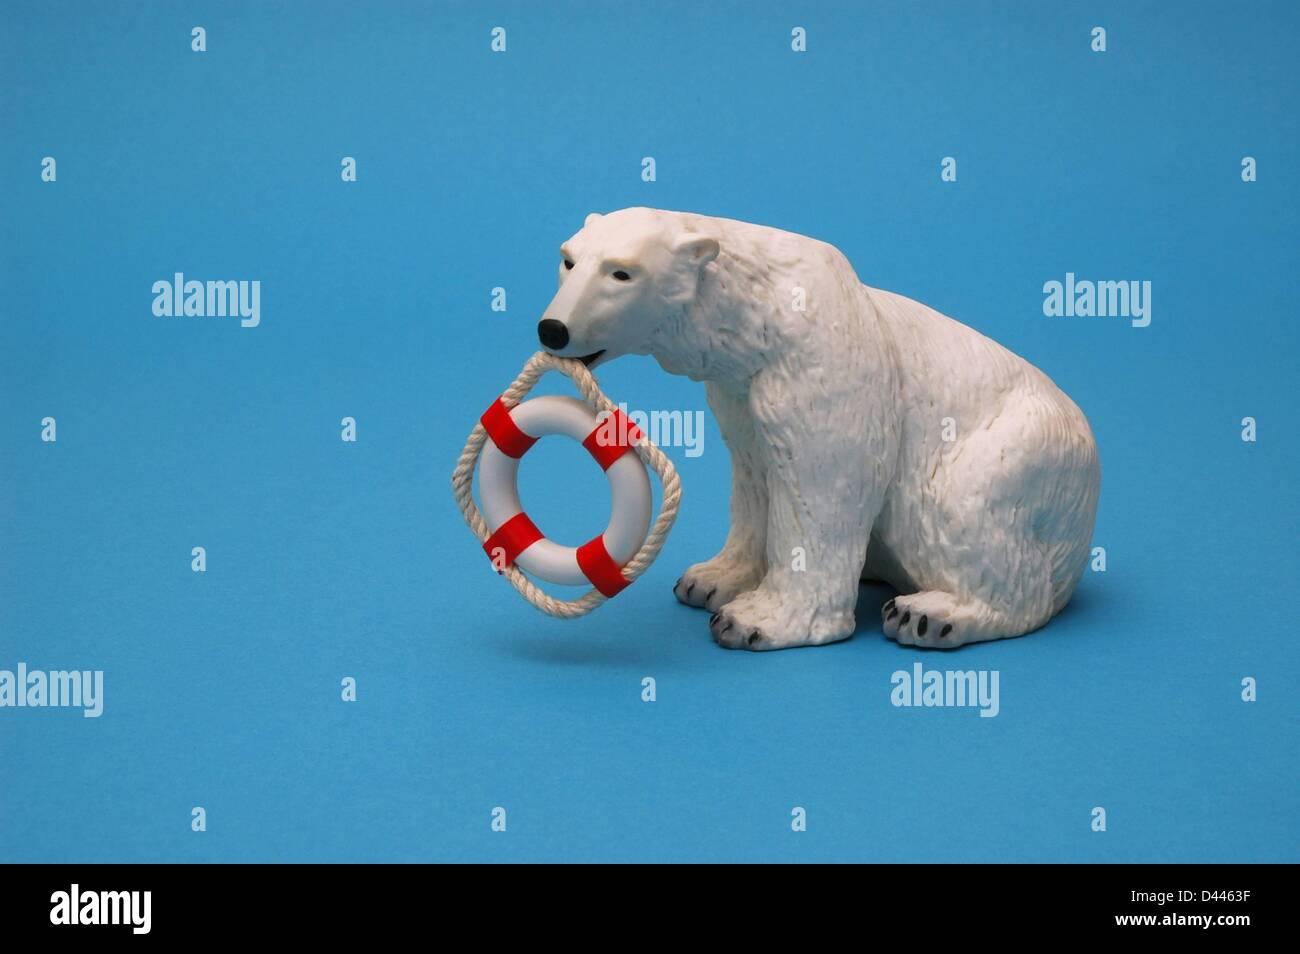 Ilustración - miniatura de un oso polar tiene una boya de seguridad en miniatura en su boca en Berlín, Alemania, el 22 de diciembre de 2007. Foto: Berliner Verlag/S.Steinach Foto de stock